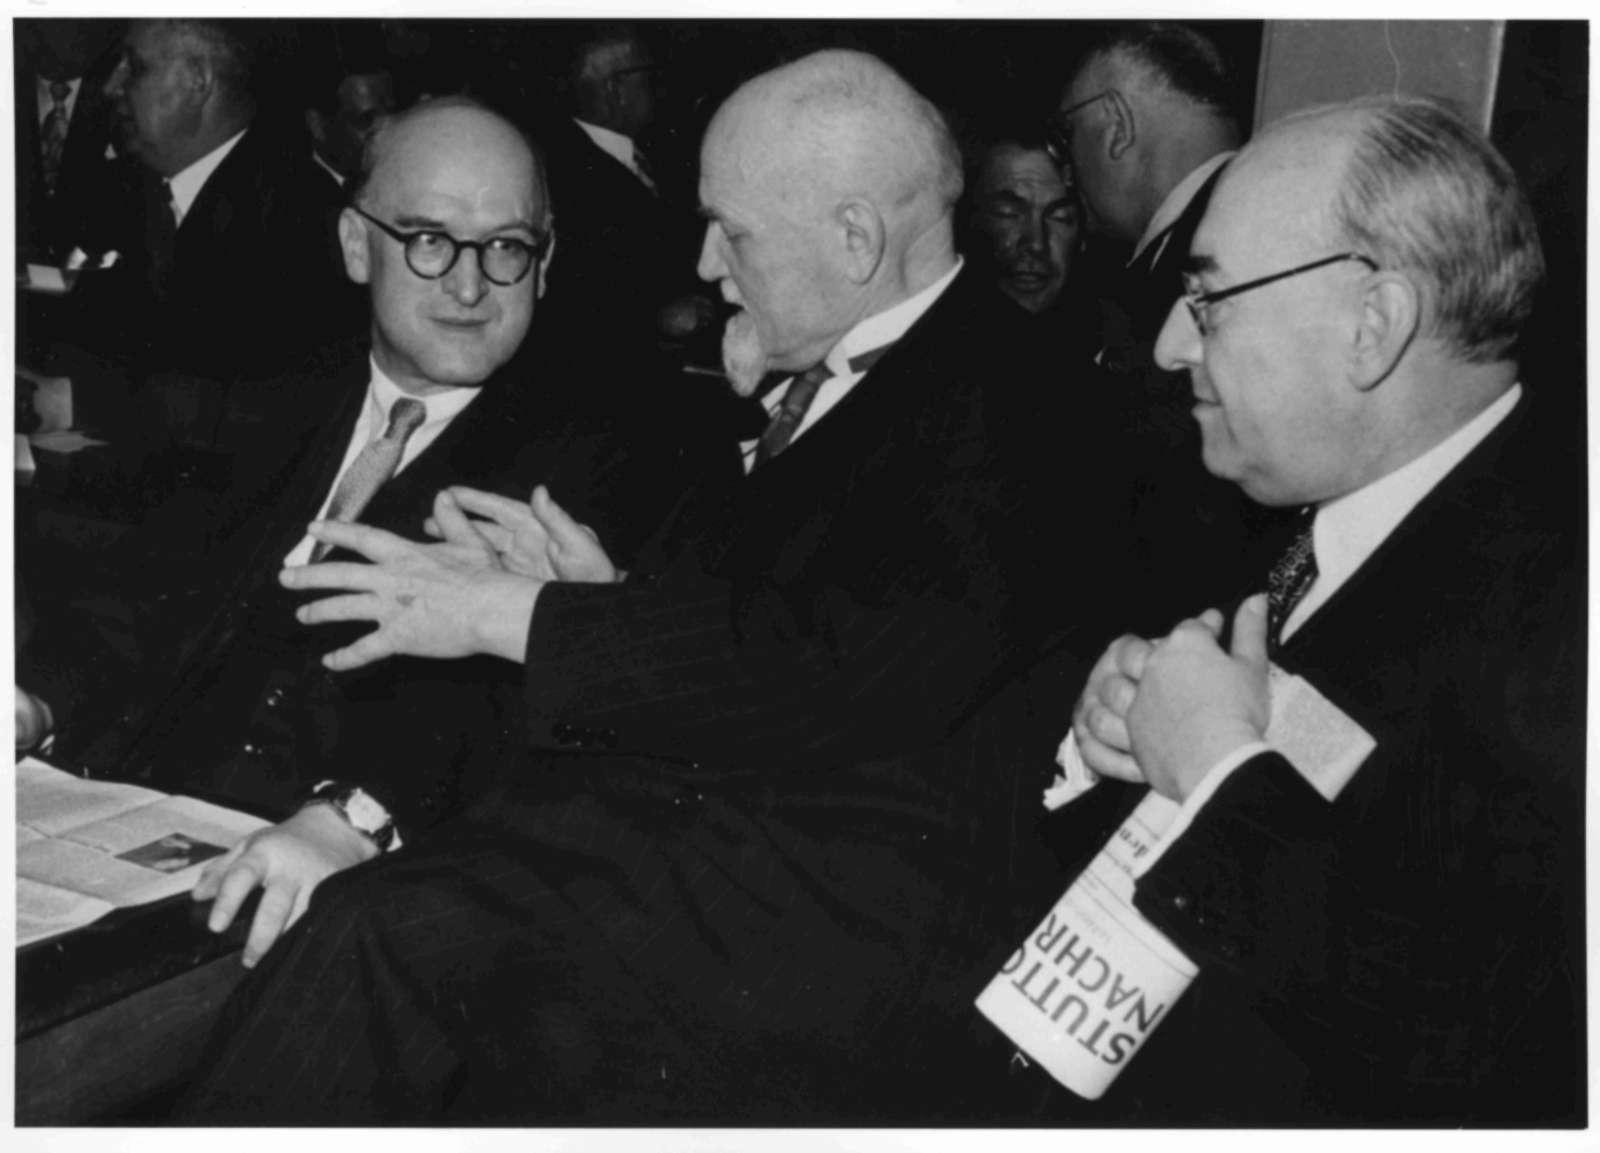 Wilhelm Keil, Gebhard Müller und Leo Wohleb bei der Eröffnung der Verfassunggebenden Landesversammlung am 25. März 1952, Bild 1